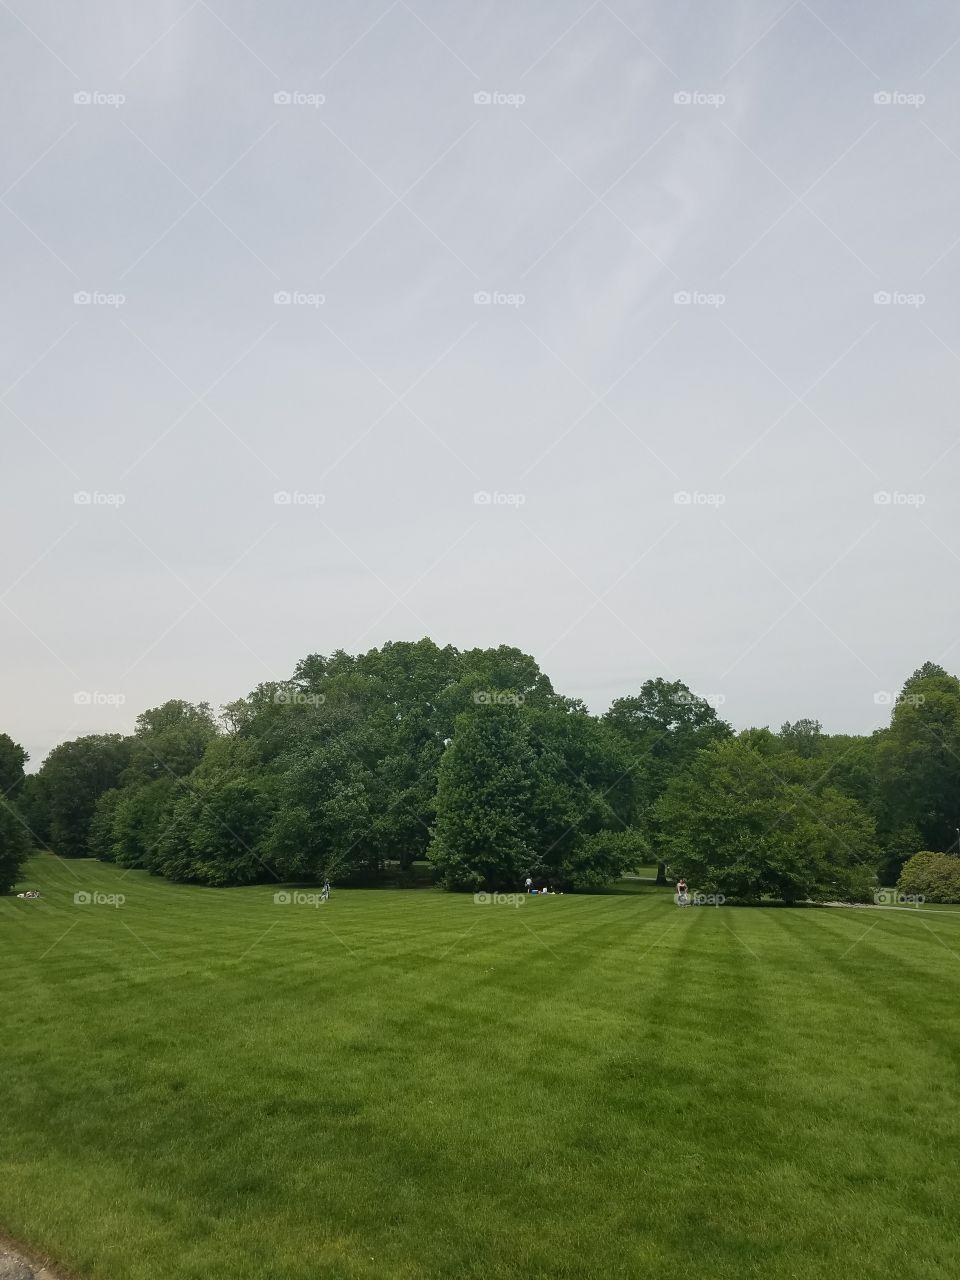 Landscape, Golf, No Person, Grass, Tree